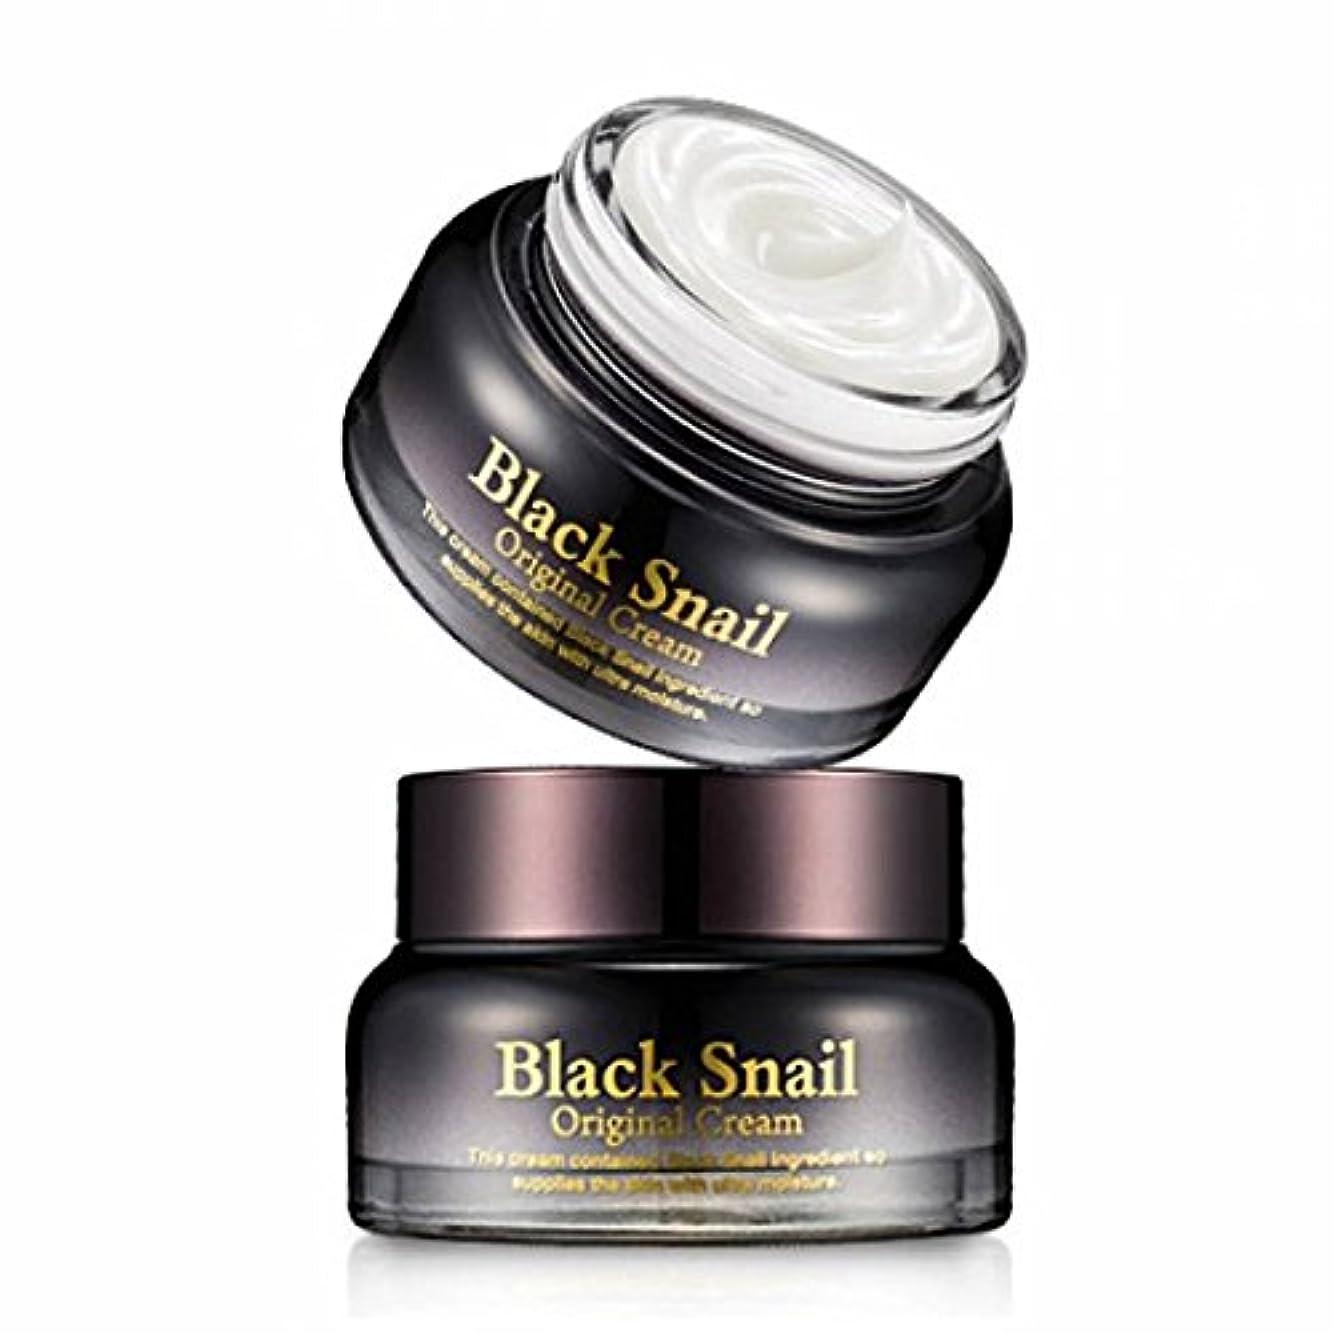 箱ぶら下がる剛性シークレットキー [韓国コスメ Secret Key] ブラックスネイル オリジナルクリーム Secret Key Black Snail Original Cream [並行輸入品]